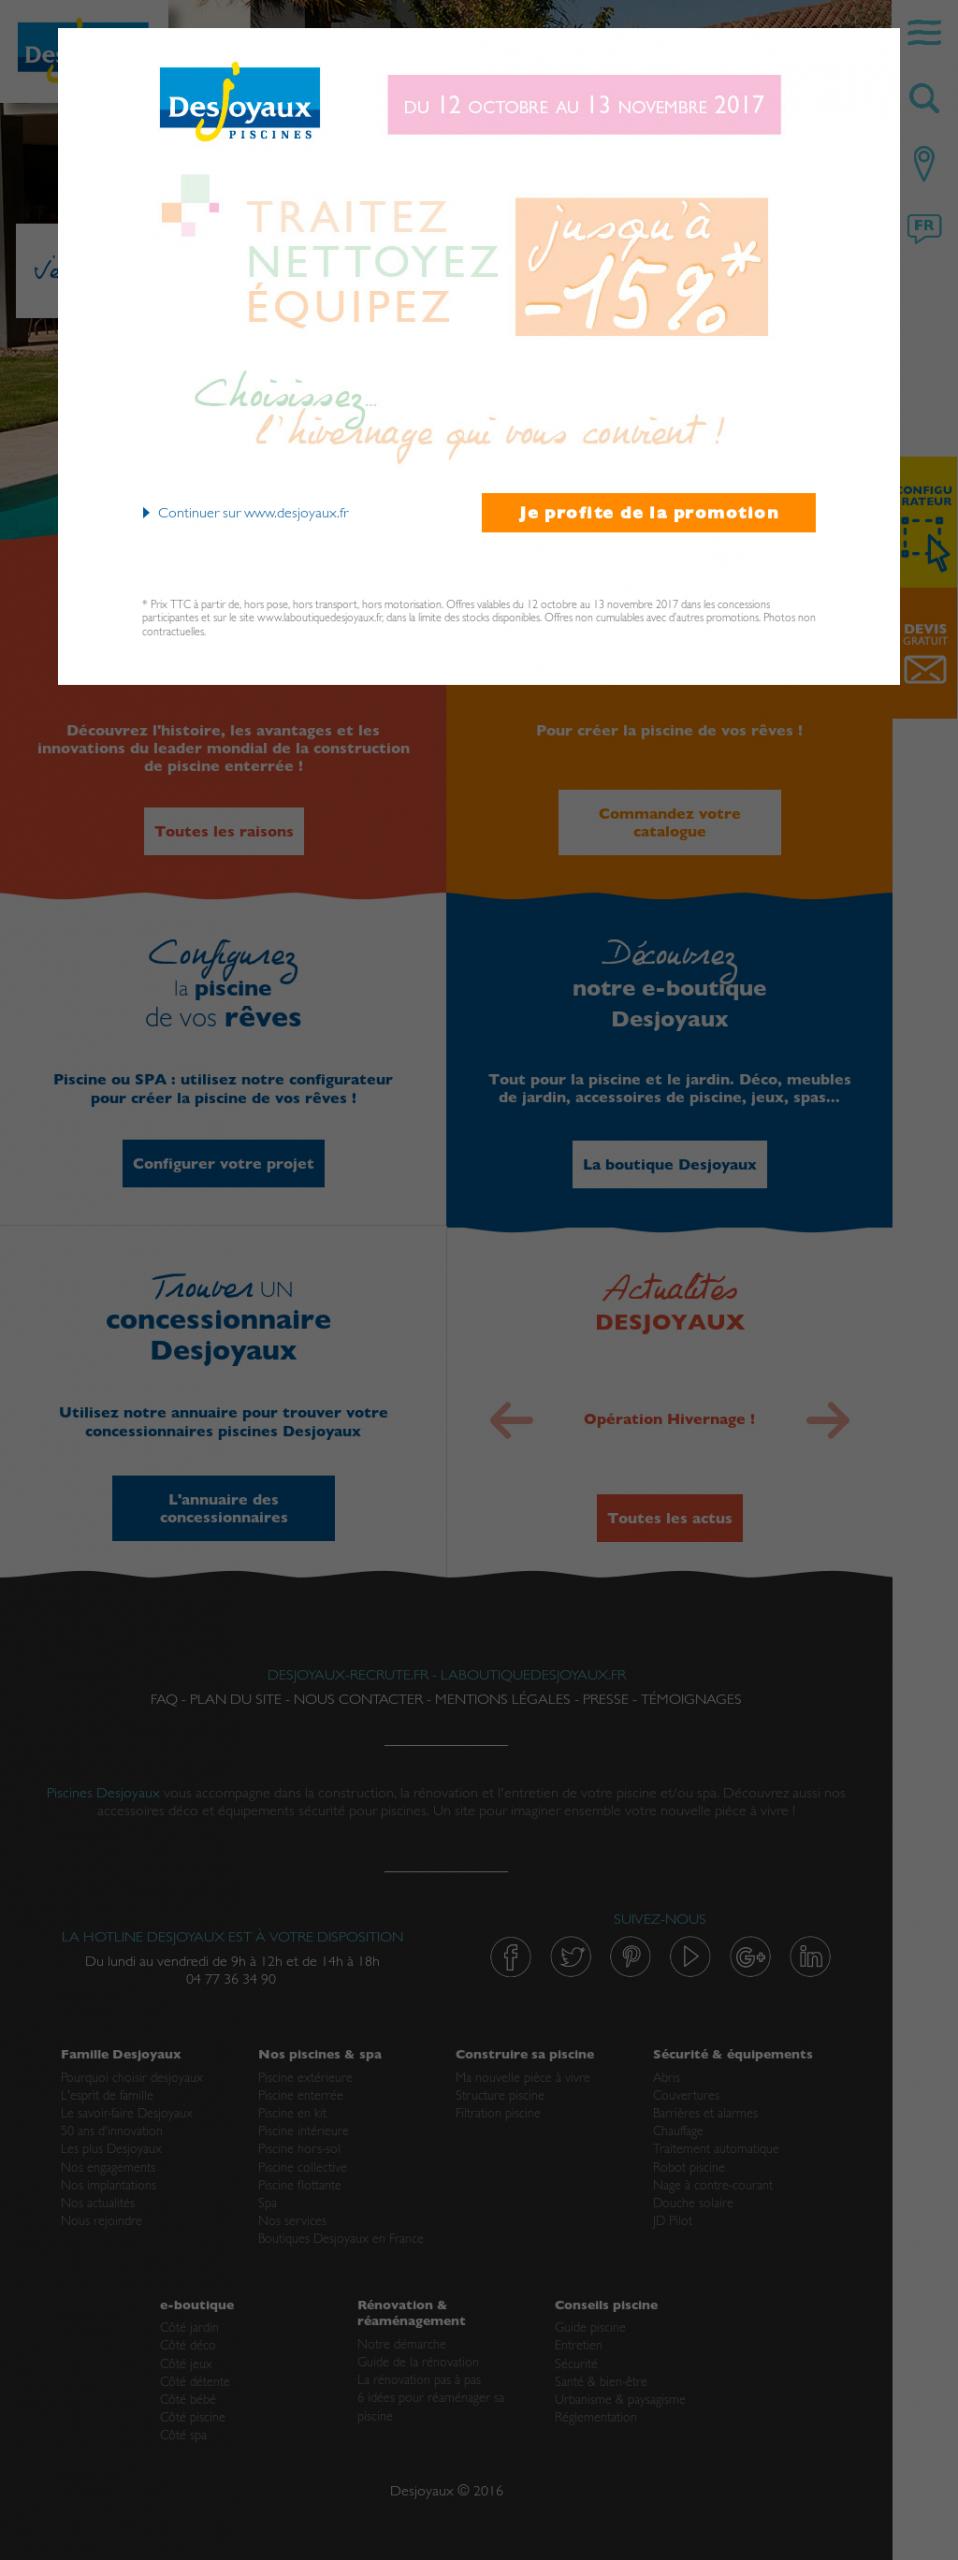 Desjoyaux Competitors, Revenue And Employees - Owler Company ... concernant Piscine Desjoyaux Prix 2017